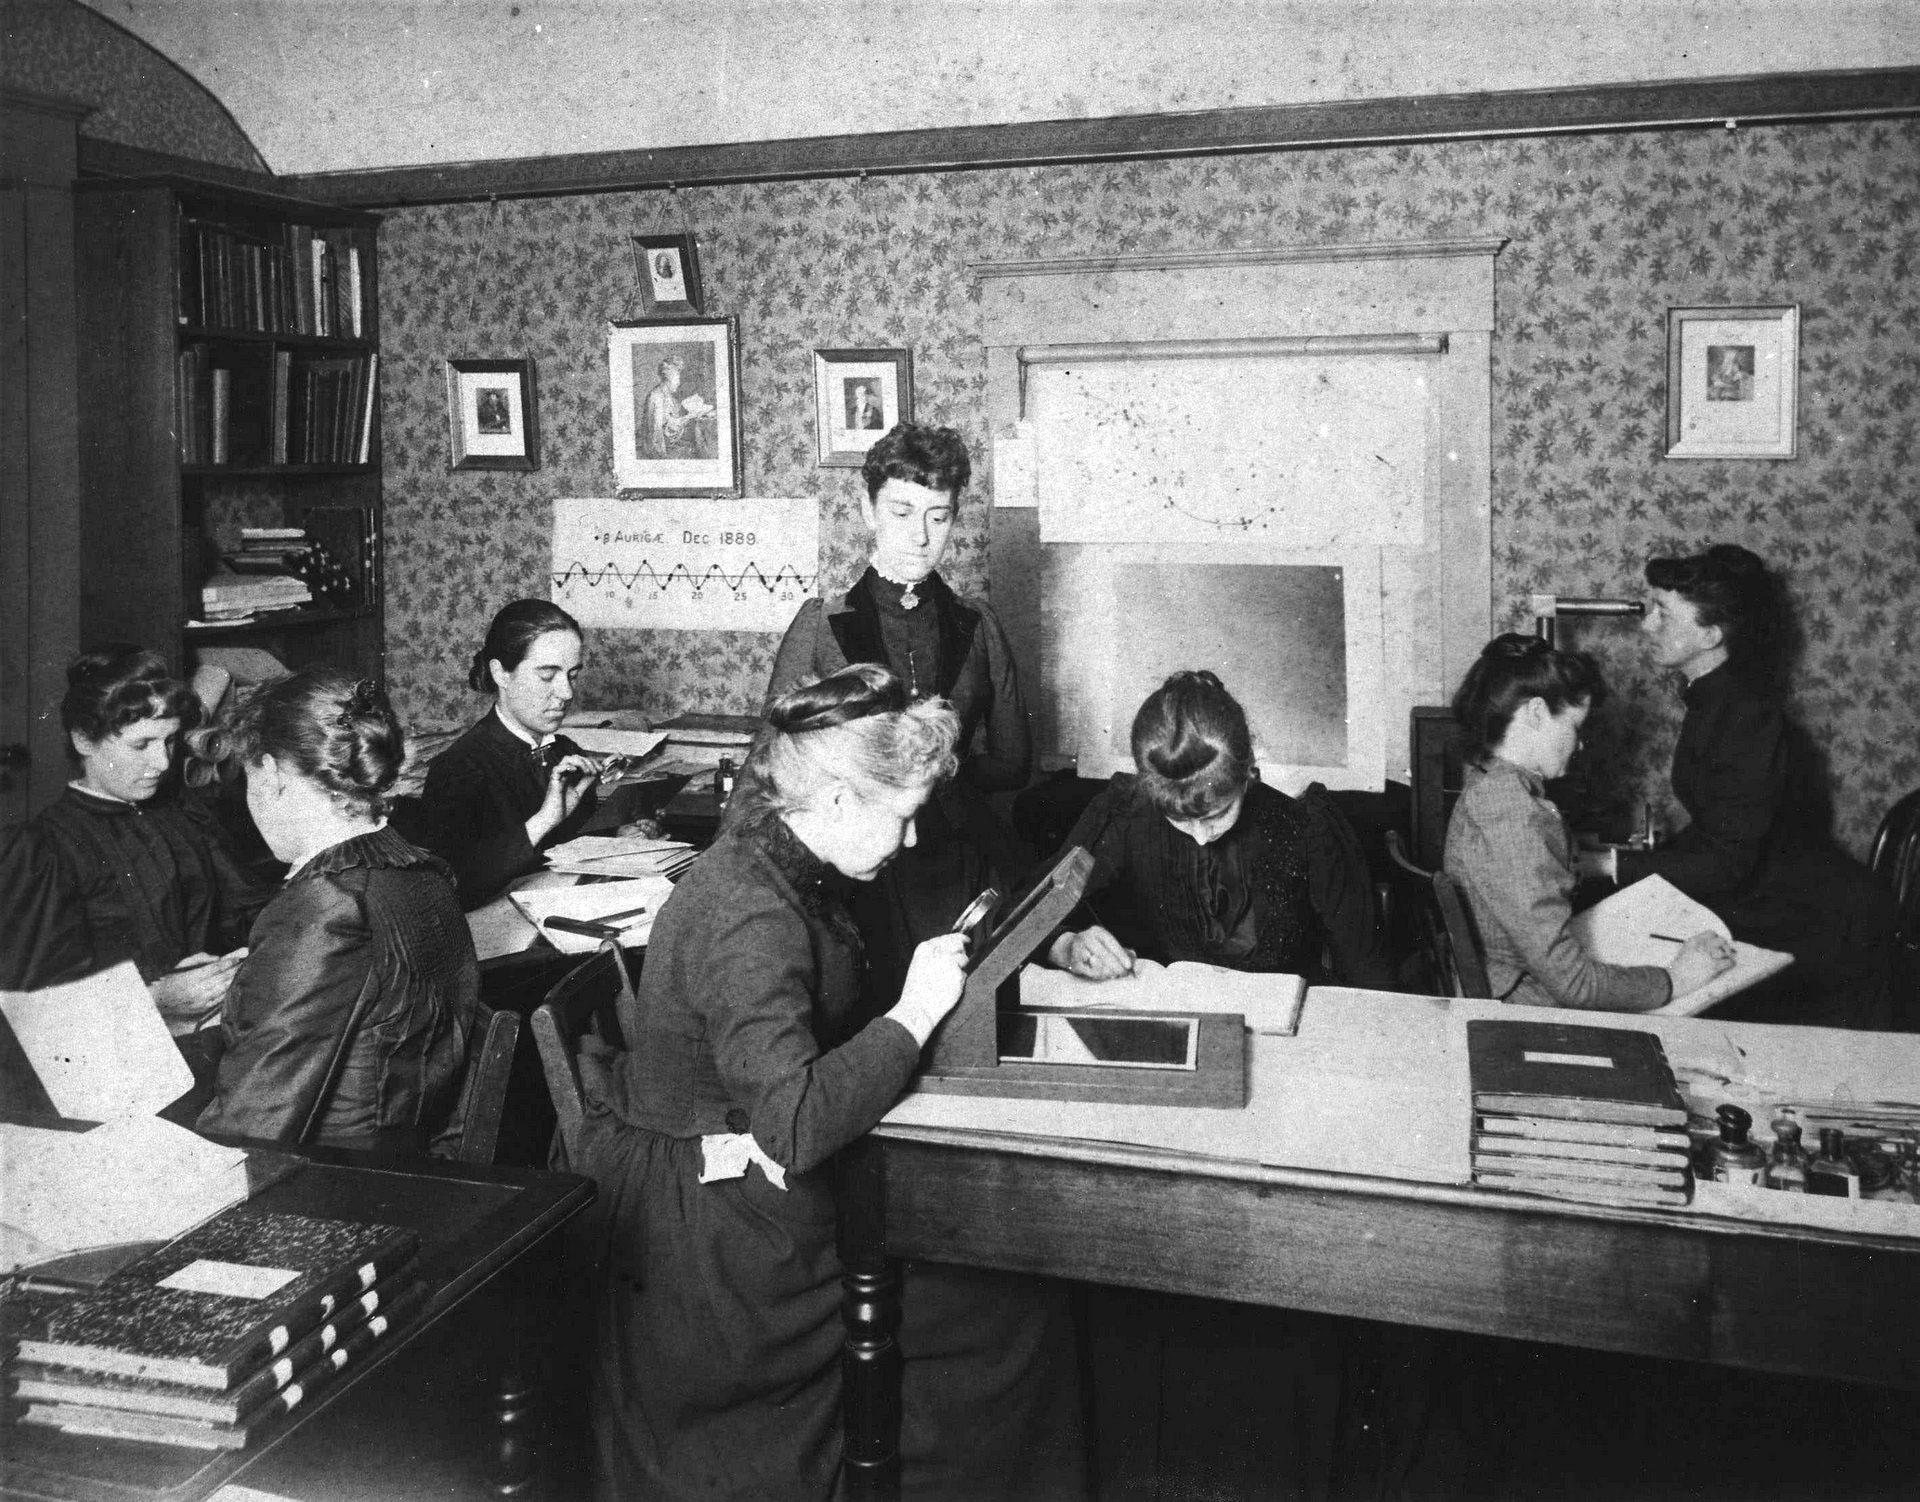 Harwardzkie komputery, około 1890. Trzecia z lewej, z lupą powiększającą to ?ntonia Maury; Williamina Fleming stoi w centrum (fot. Harvard College Observatory / Wikimedia.org / Domena publiczna)